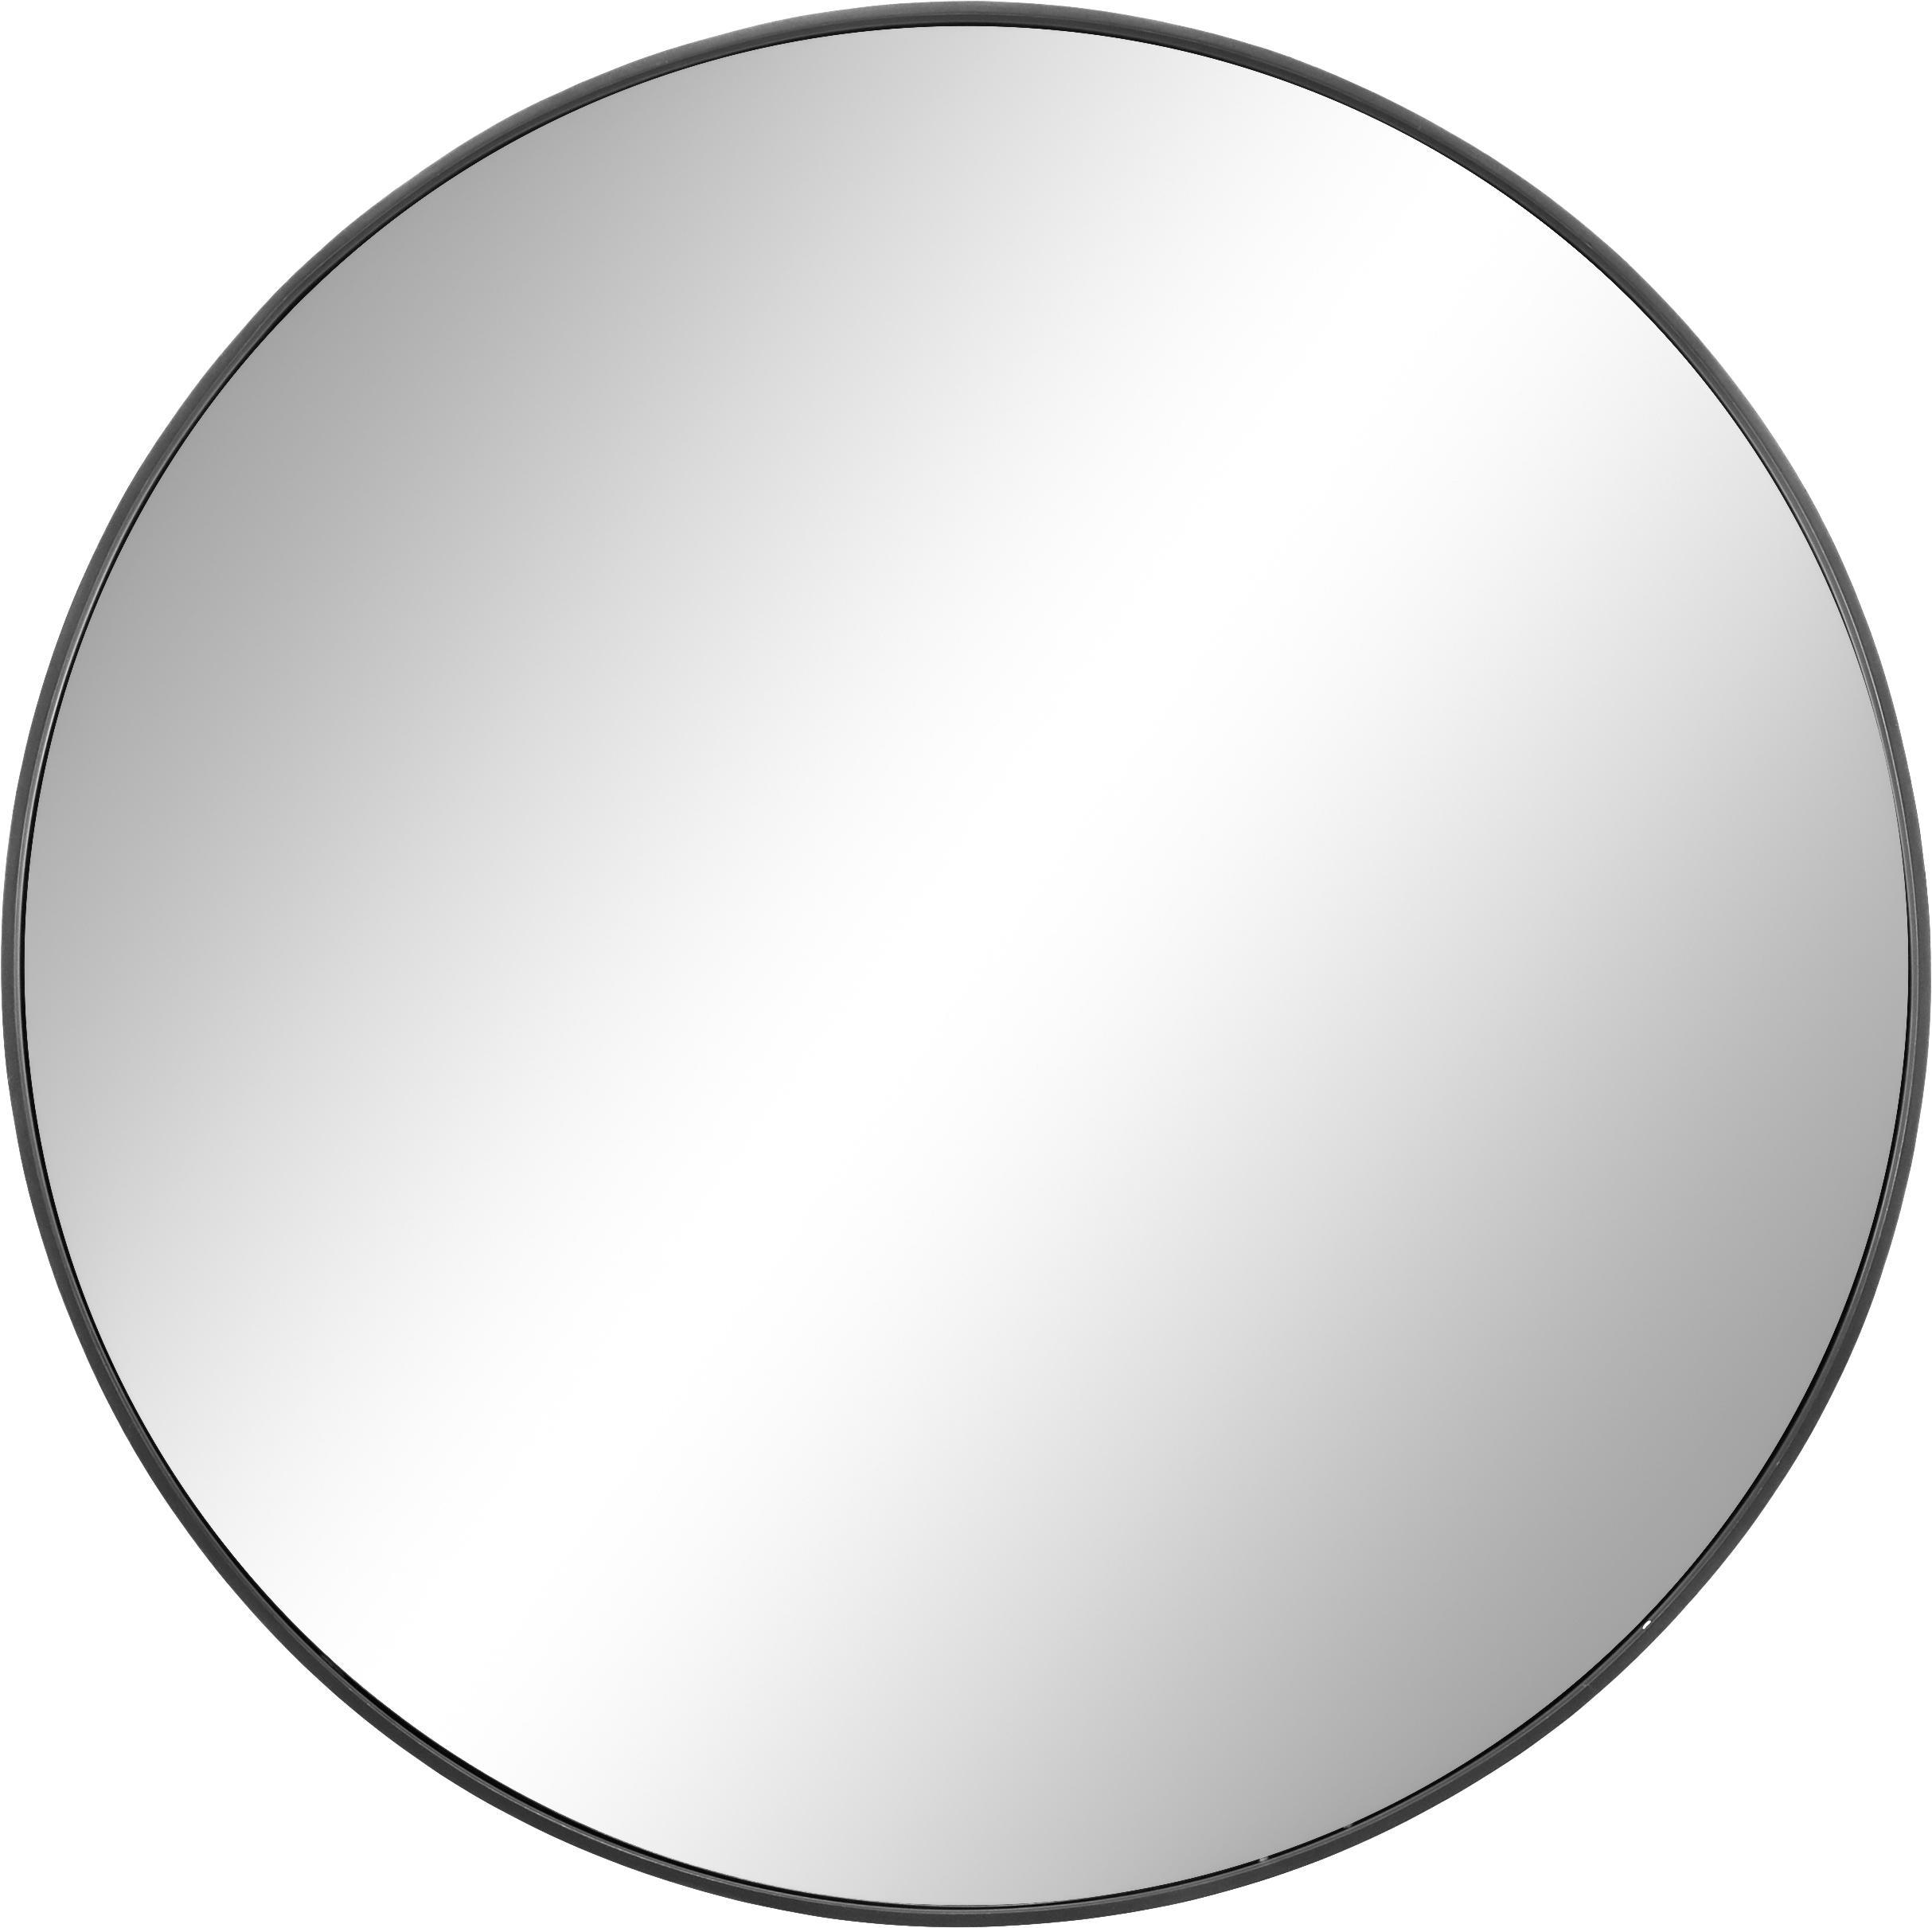 Ronde wandspiegel Ada met donkergrijze lijst, Lijst: verzinkt metaal, Donkergrijs, Ø 60 cm